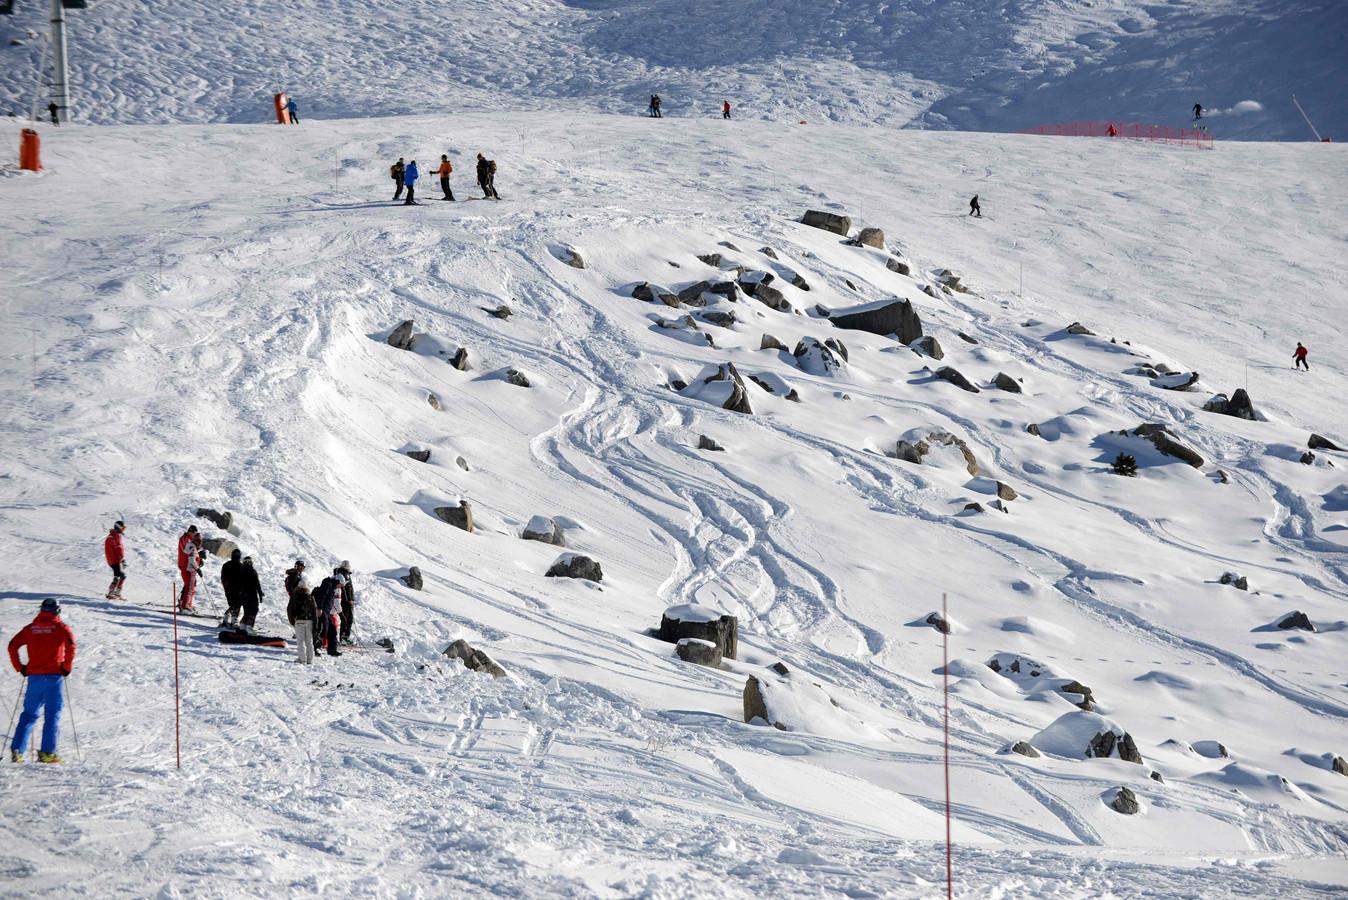 Les pistes de Méribel, où Michael Schumacher a lourdement chuté le 29 décembre 2013.